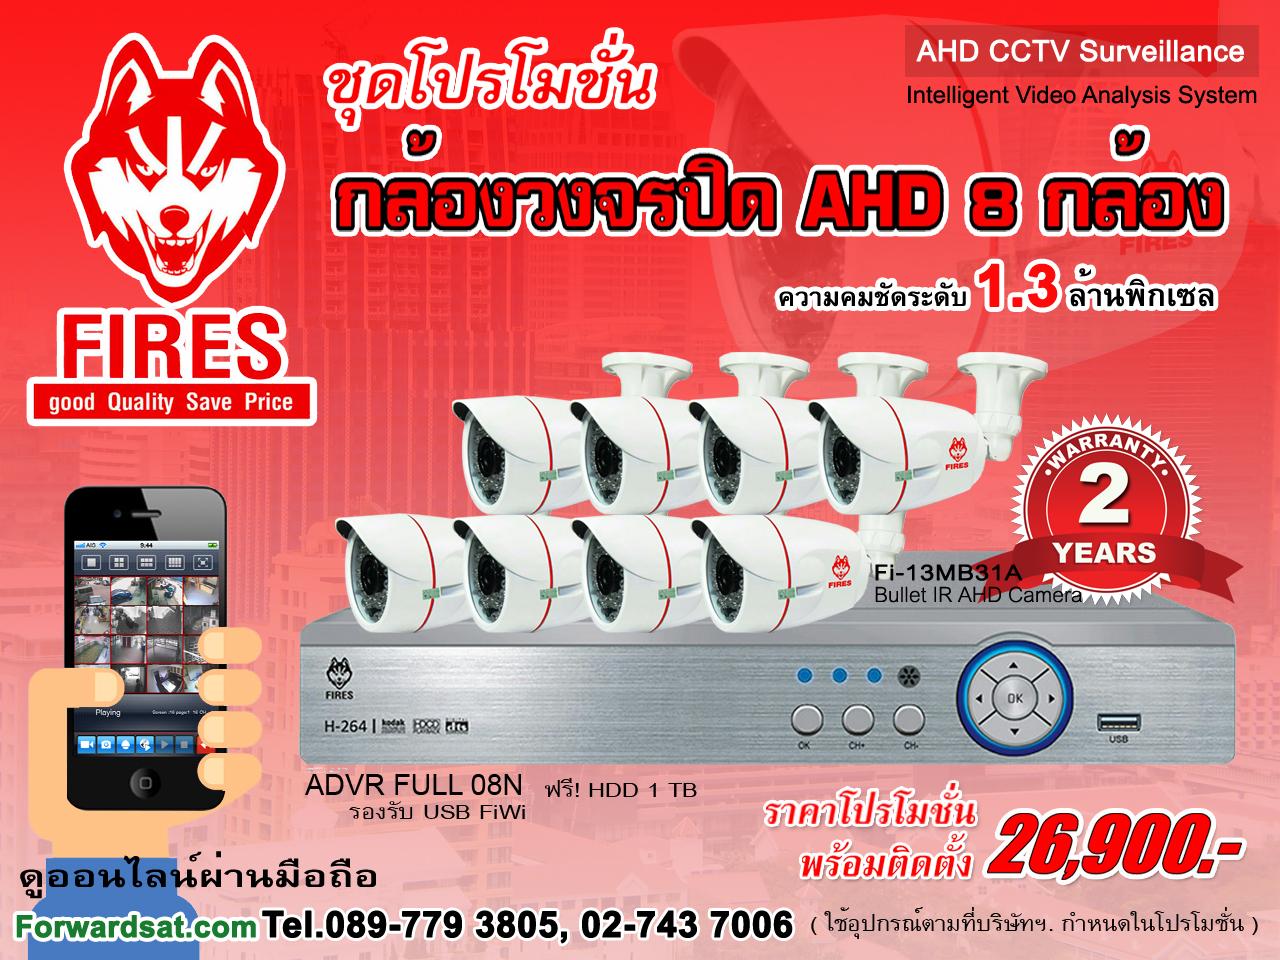 ชุดกล้องวงจรปิด 8 กล้อง Fires HD CCTV